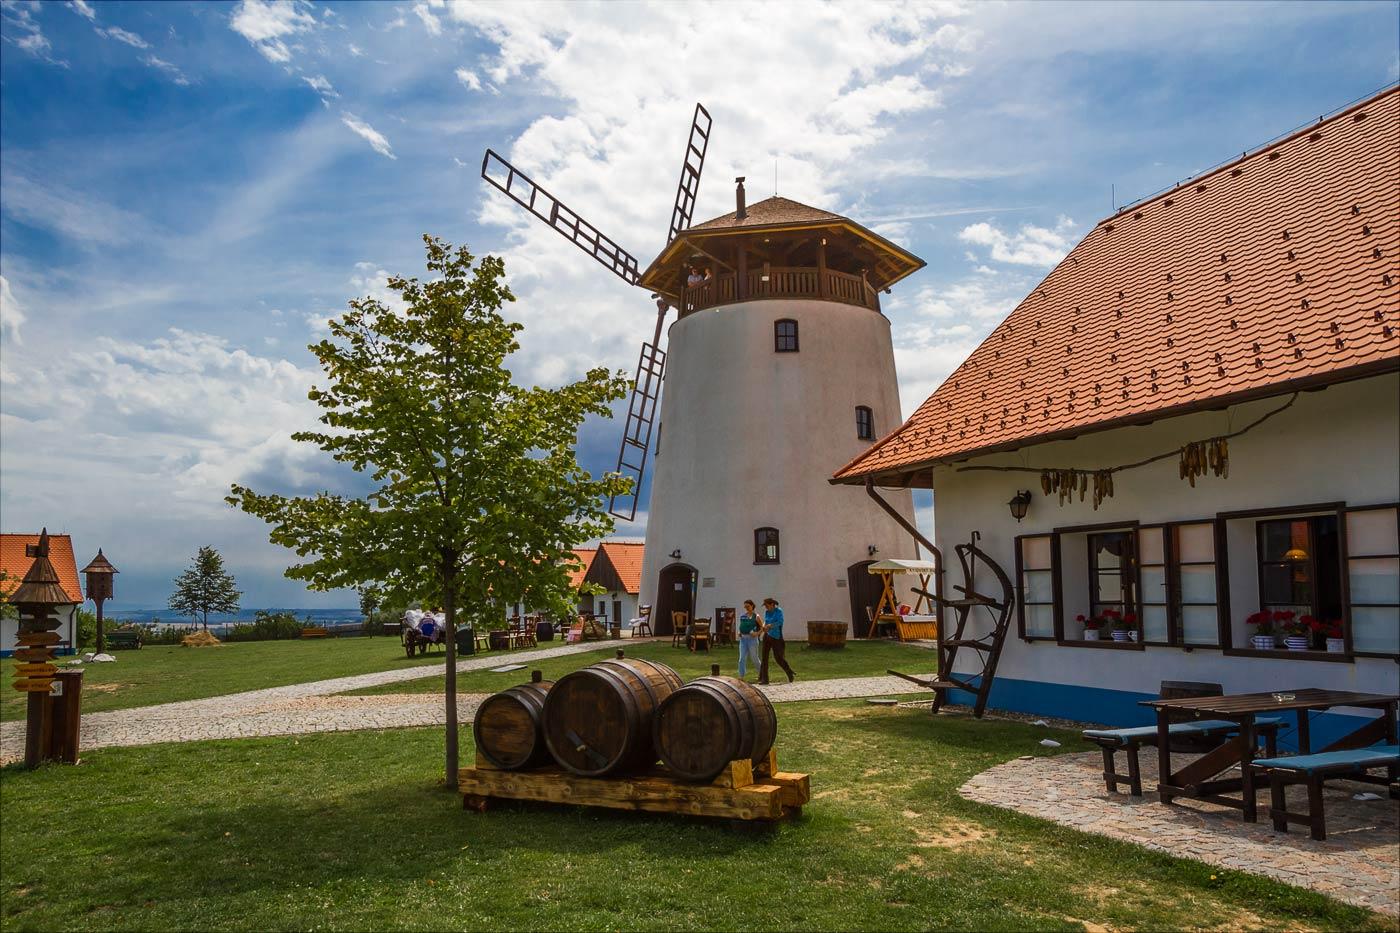 Моравия, мельница в Букованах